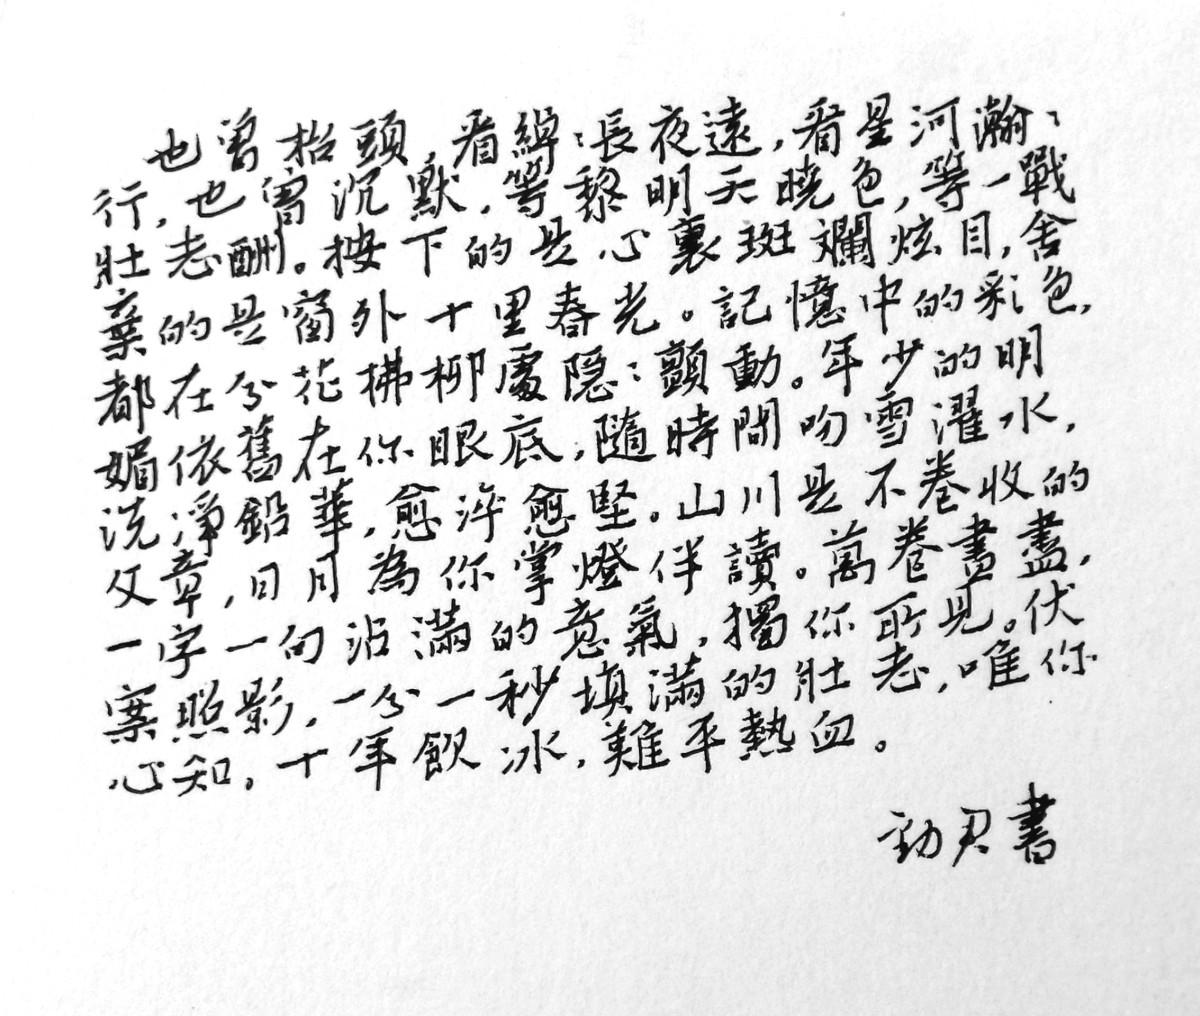 钢笔书法练字打卡20210803-09